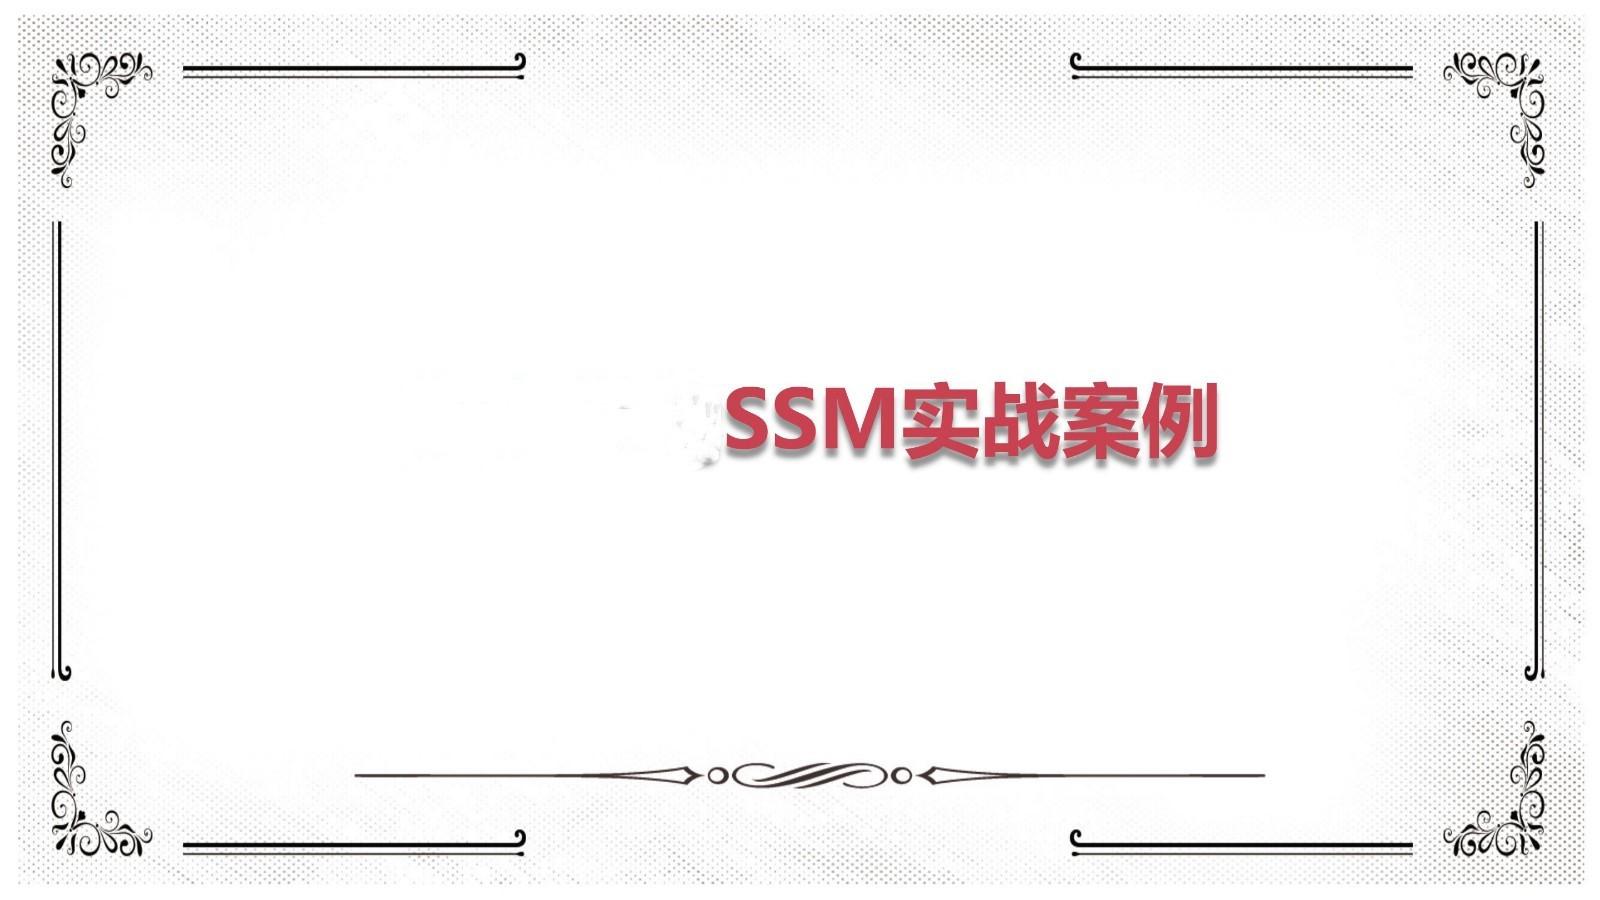 SSM实战案例